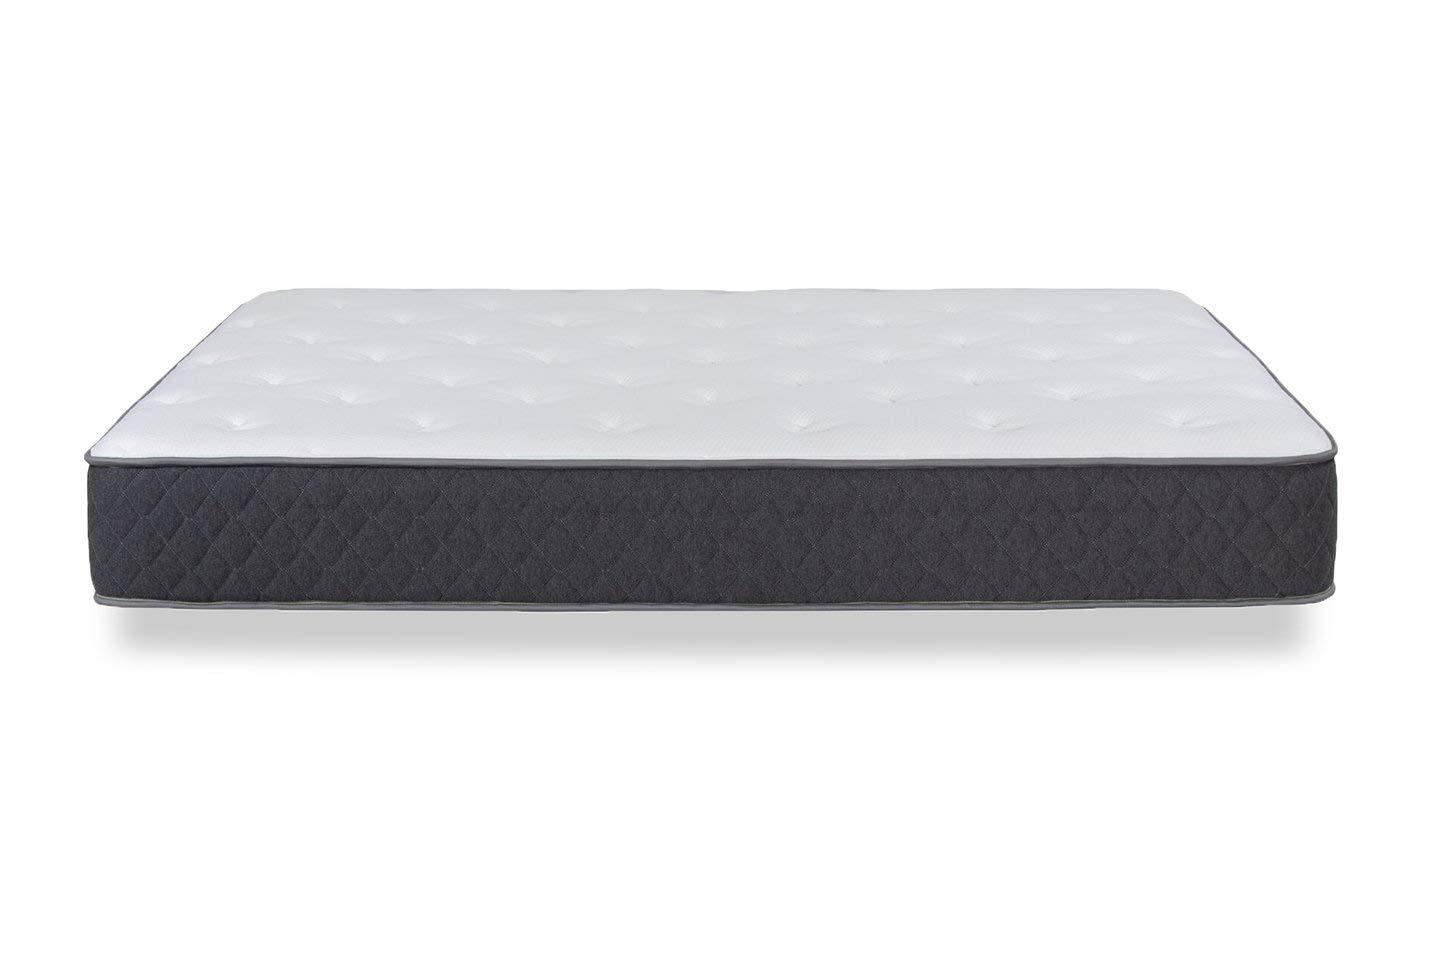 Nest Bed Flippable Mattress